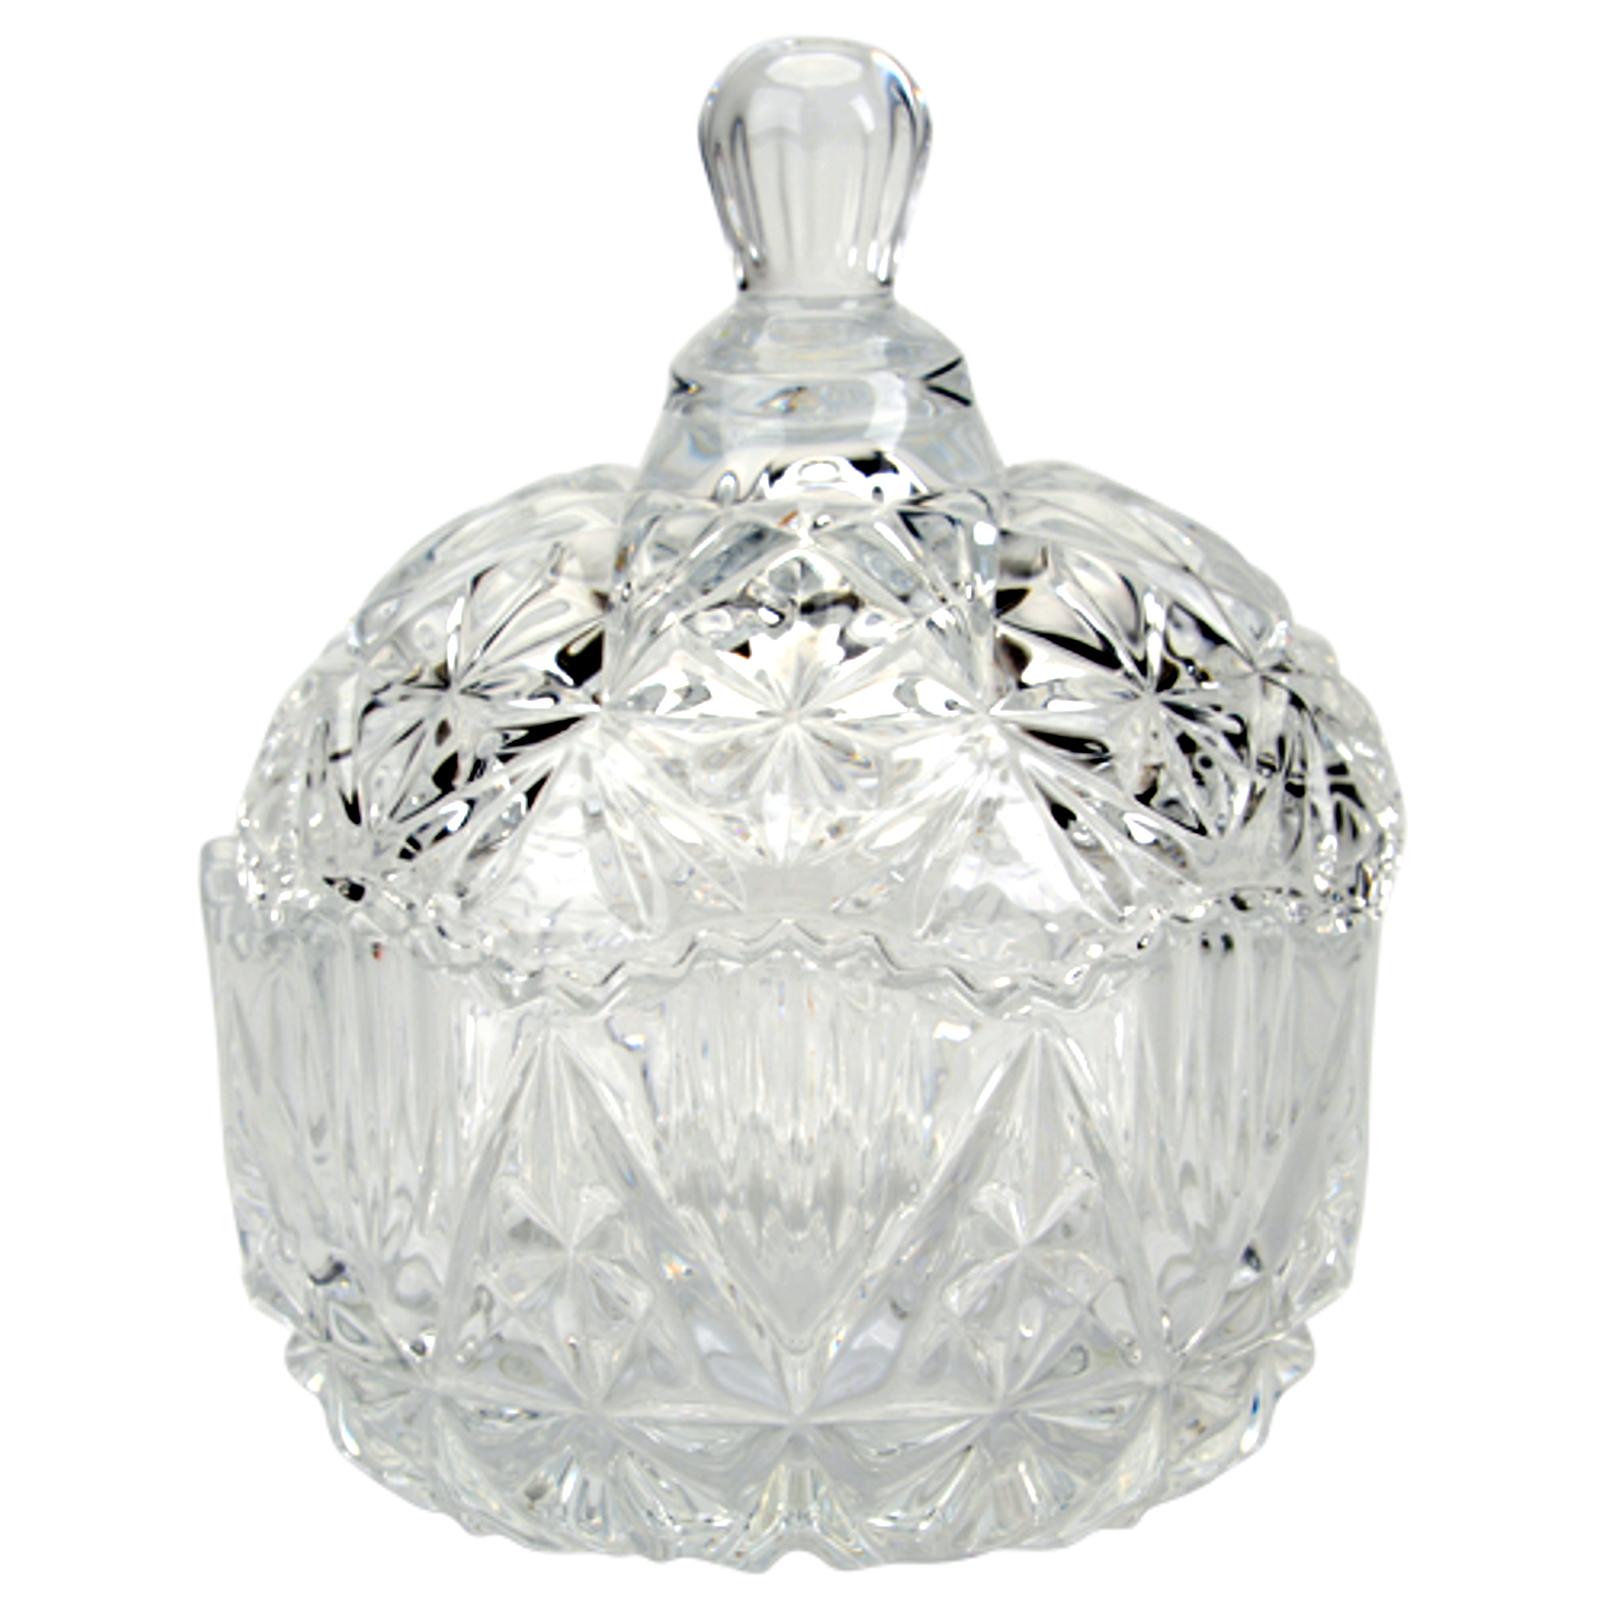 kristallschale mit deckel glas schale glasbecher. Black Bedroom Furniture Sets. Home Design Ideas